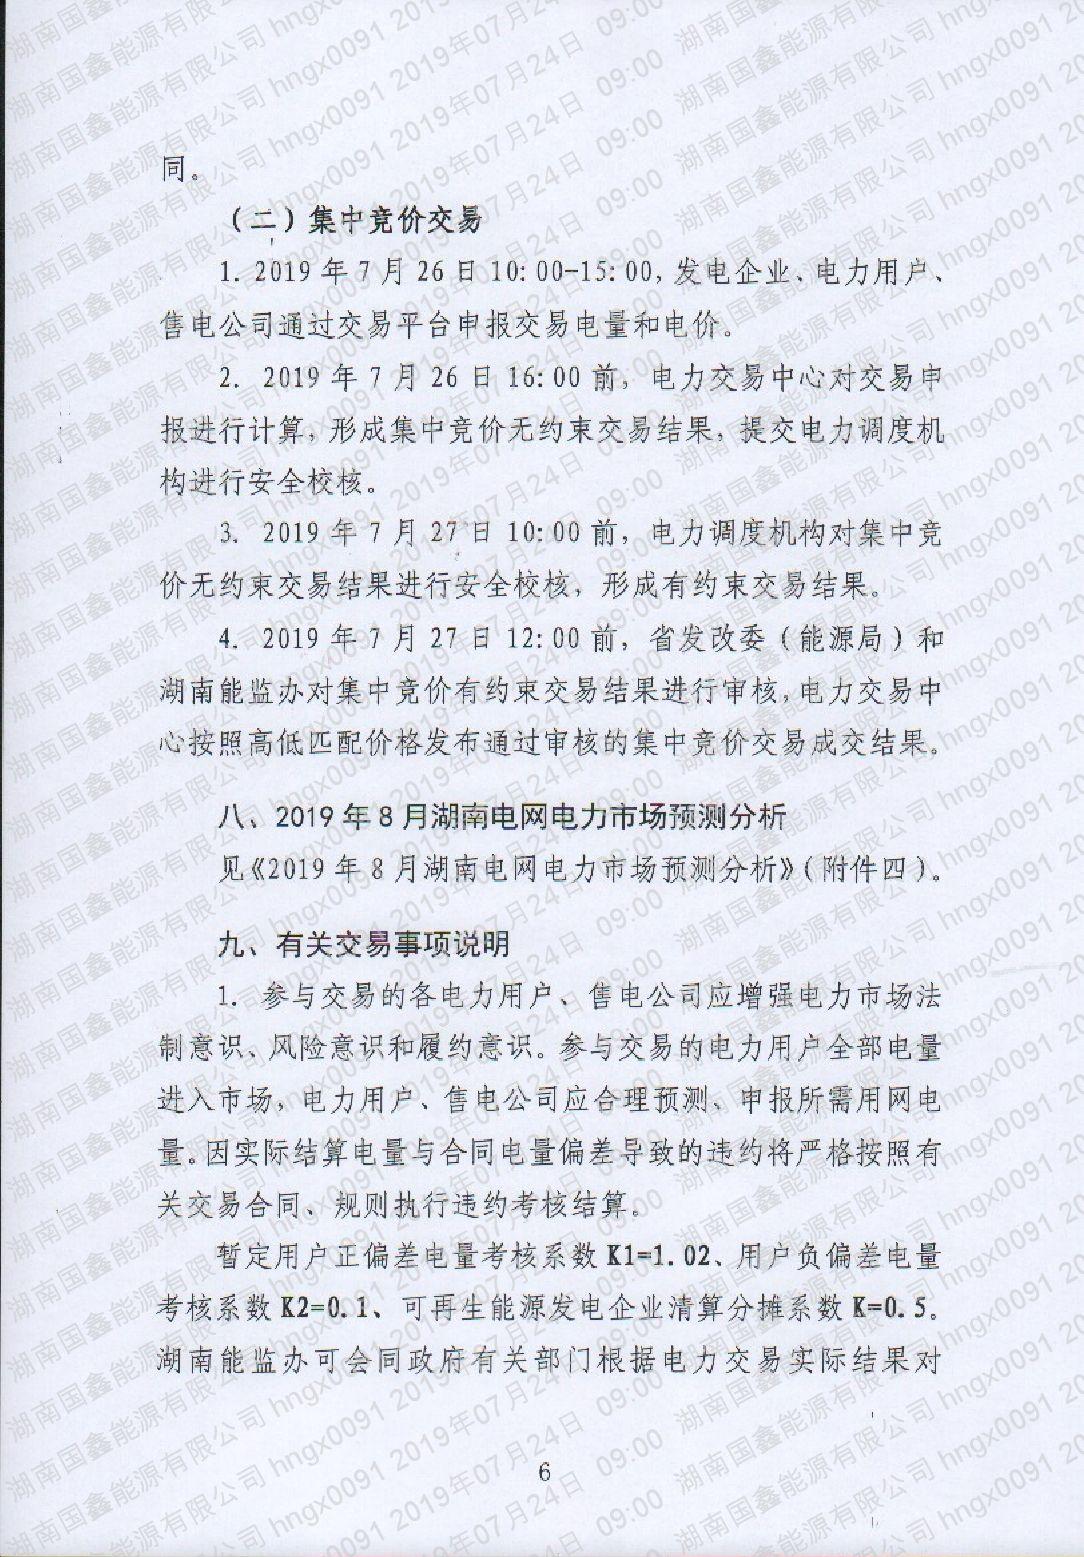 2019年8月湖南電力市場交易的公告(2019年16號).pdf_page_6_compressed.jpg